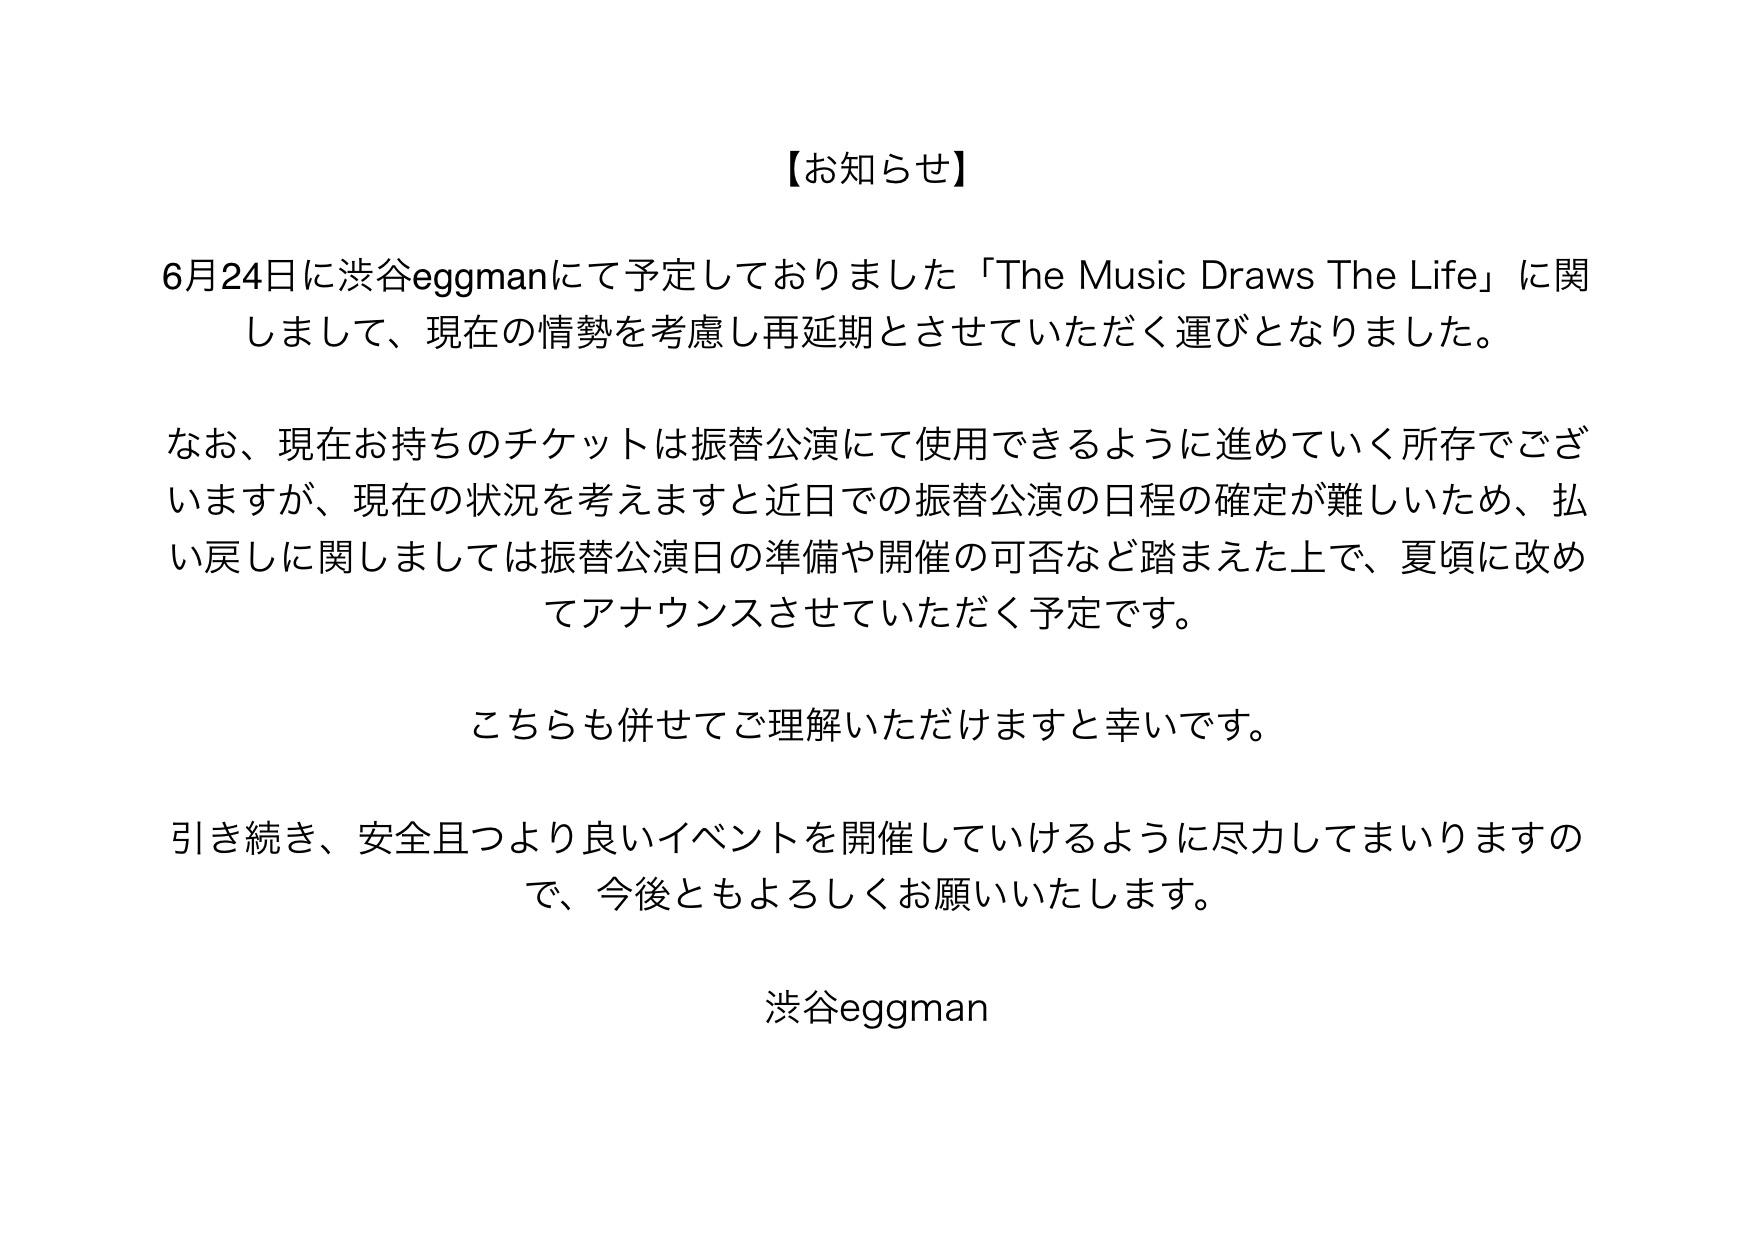 【公演延期】The Music Draws The Life Vol.86